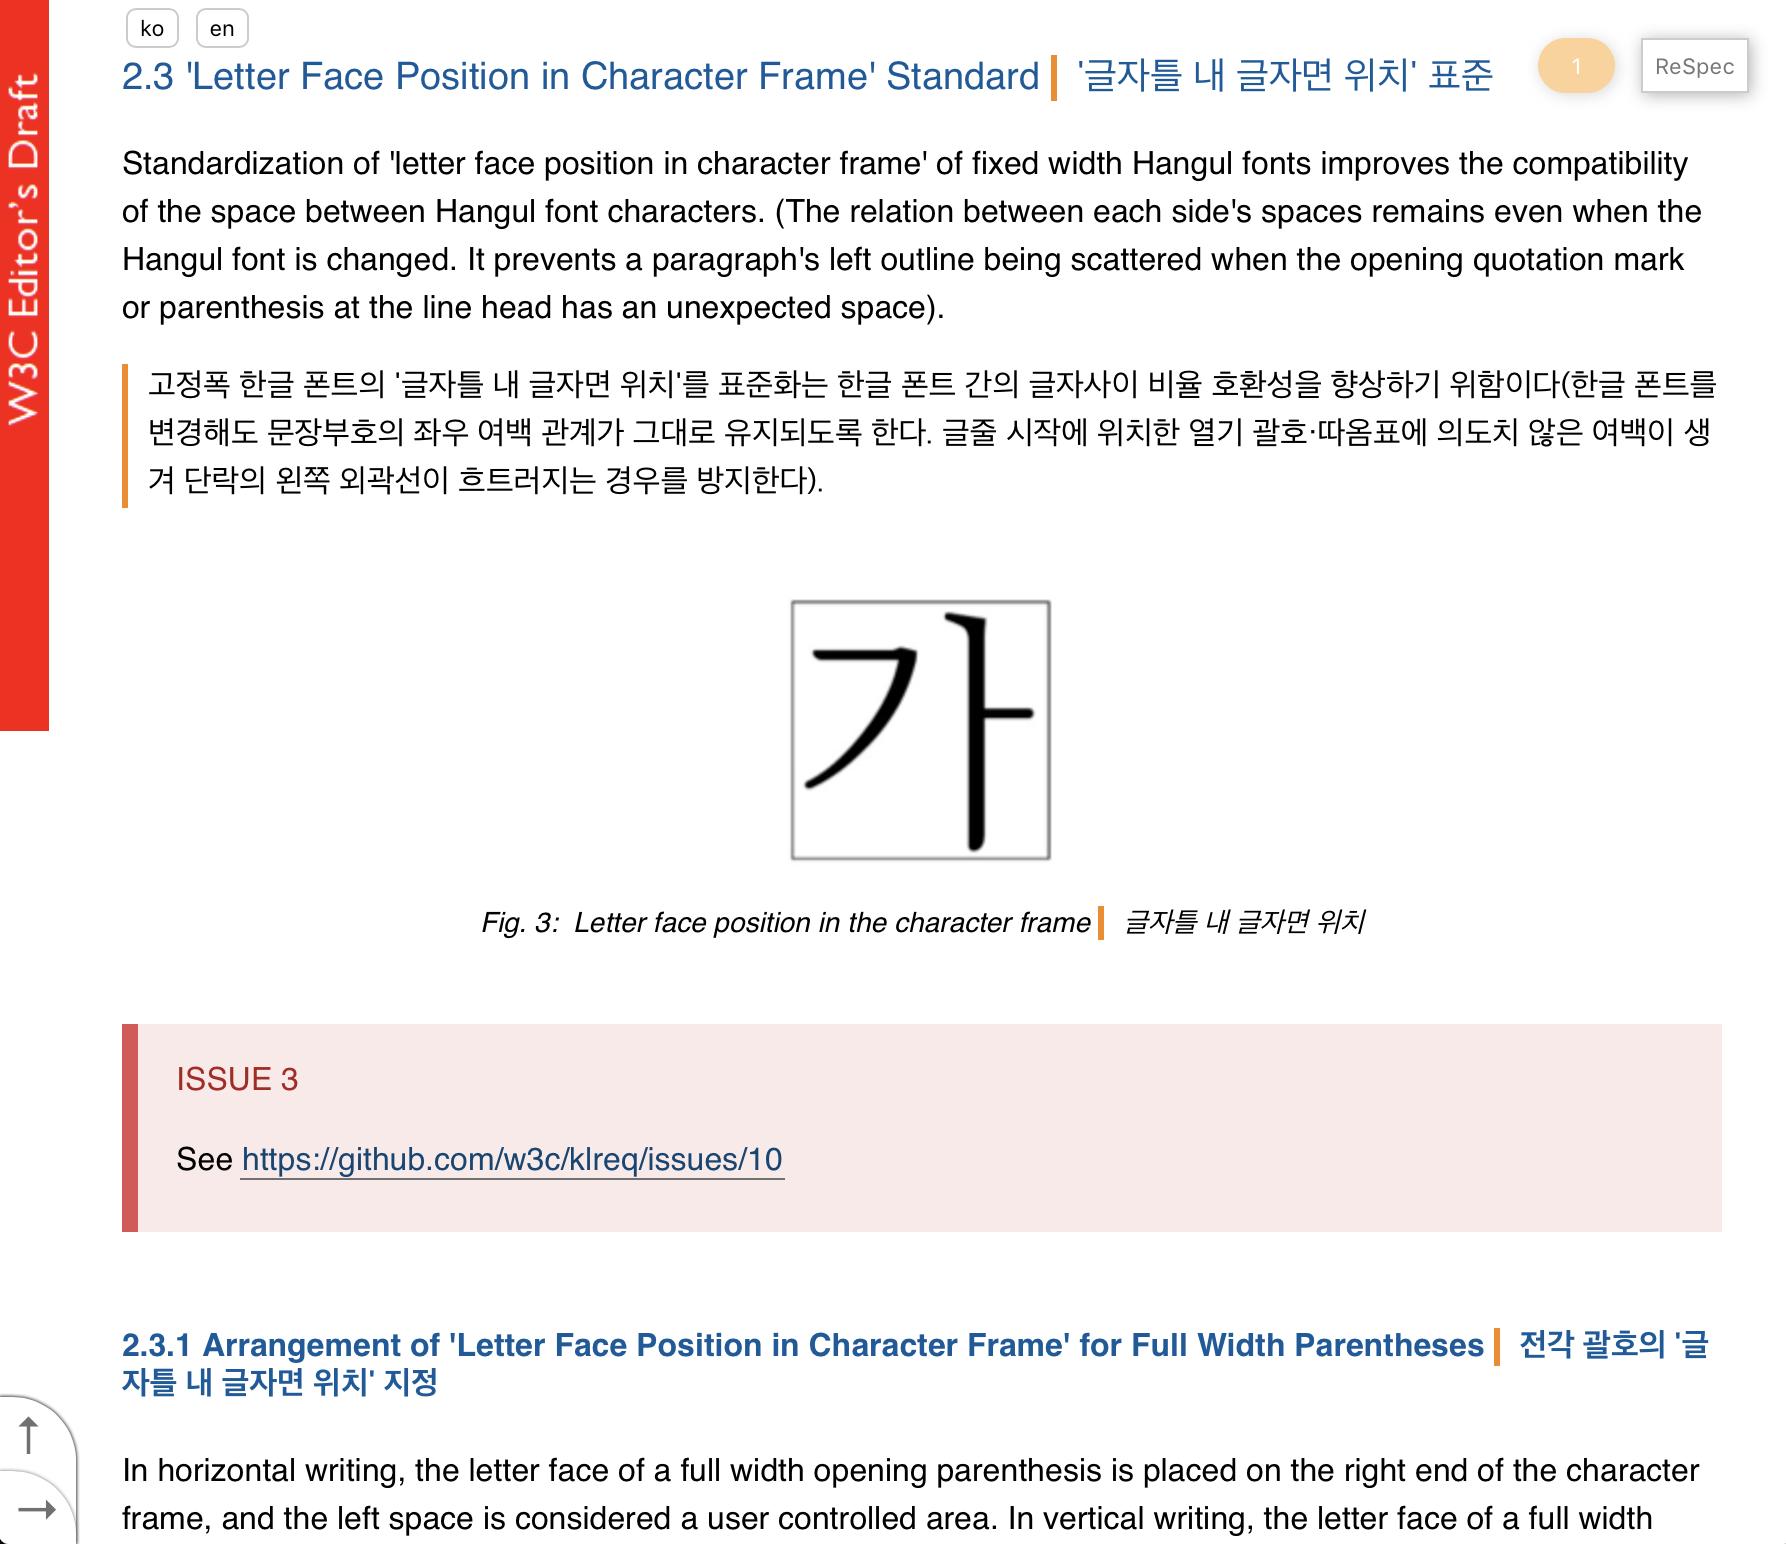 《韩文排版需求》